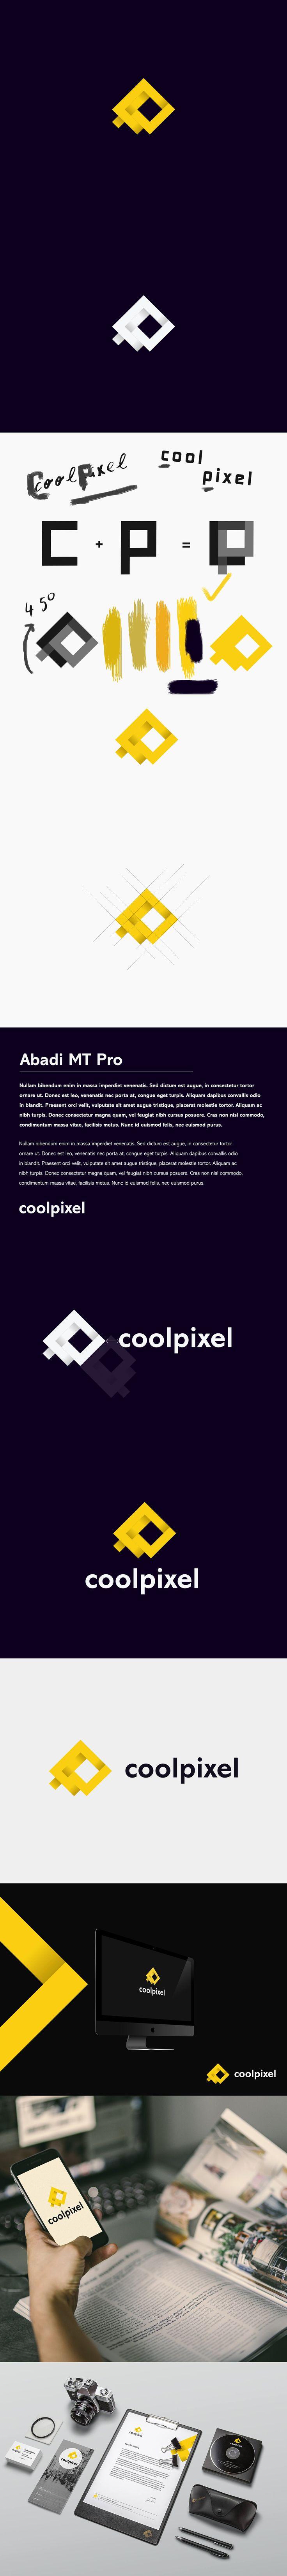 rebranding coolpixel.ro